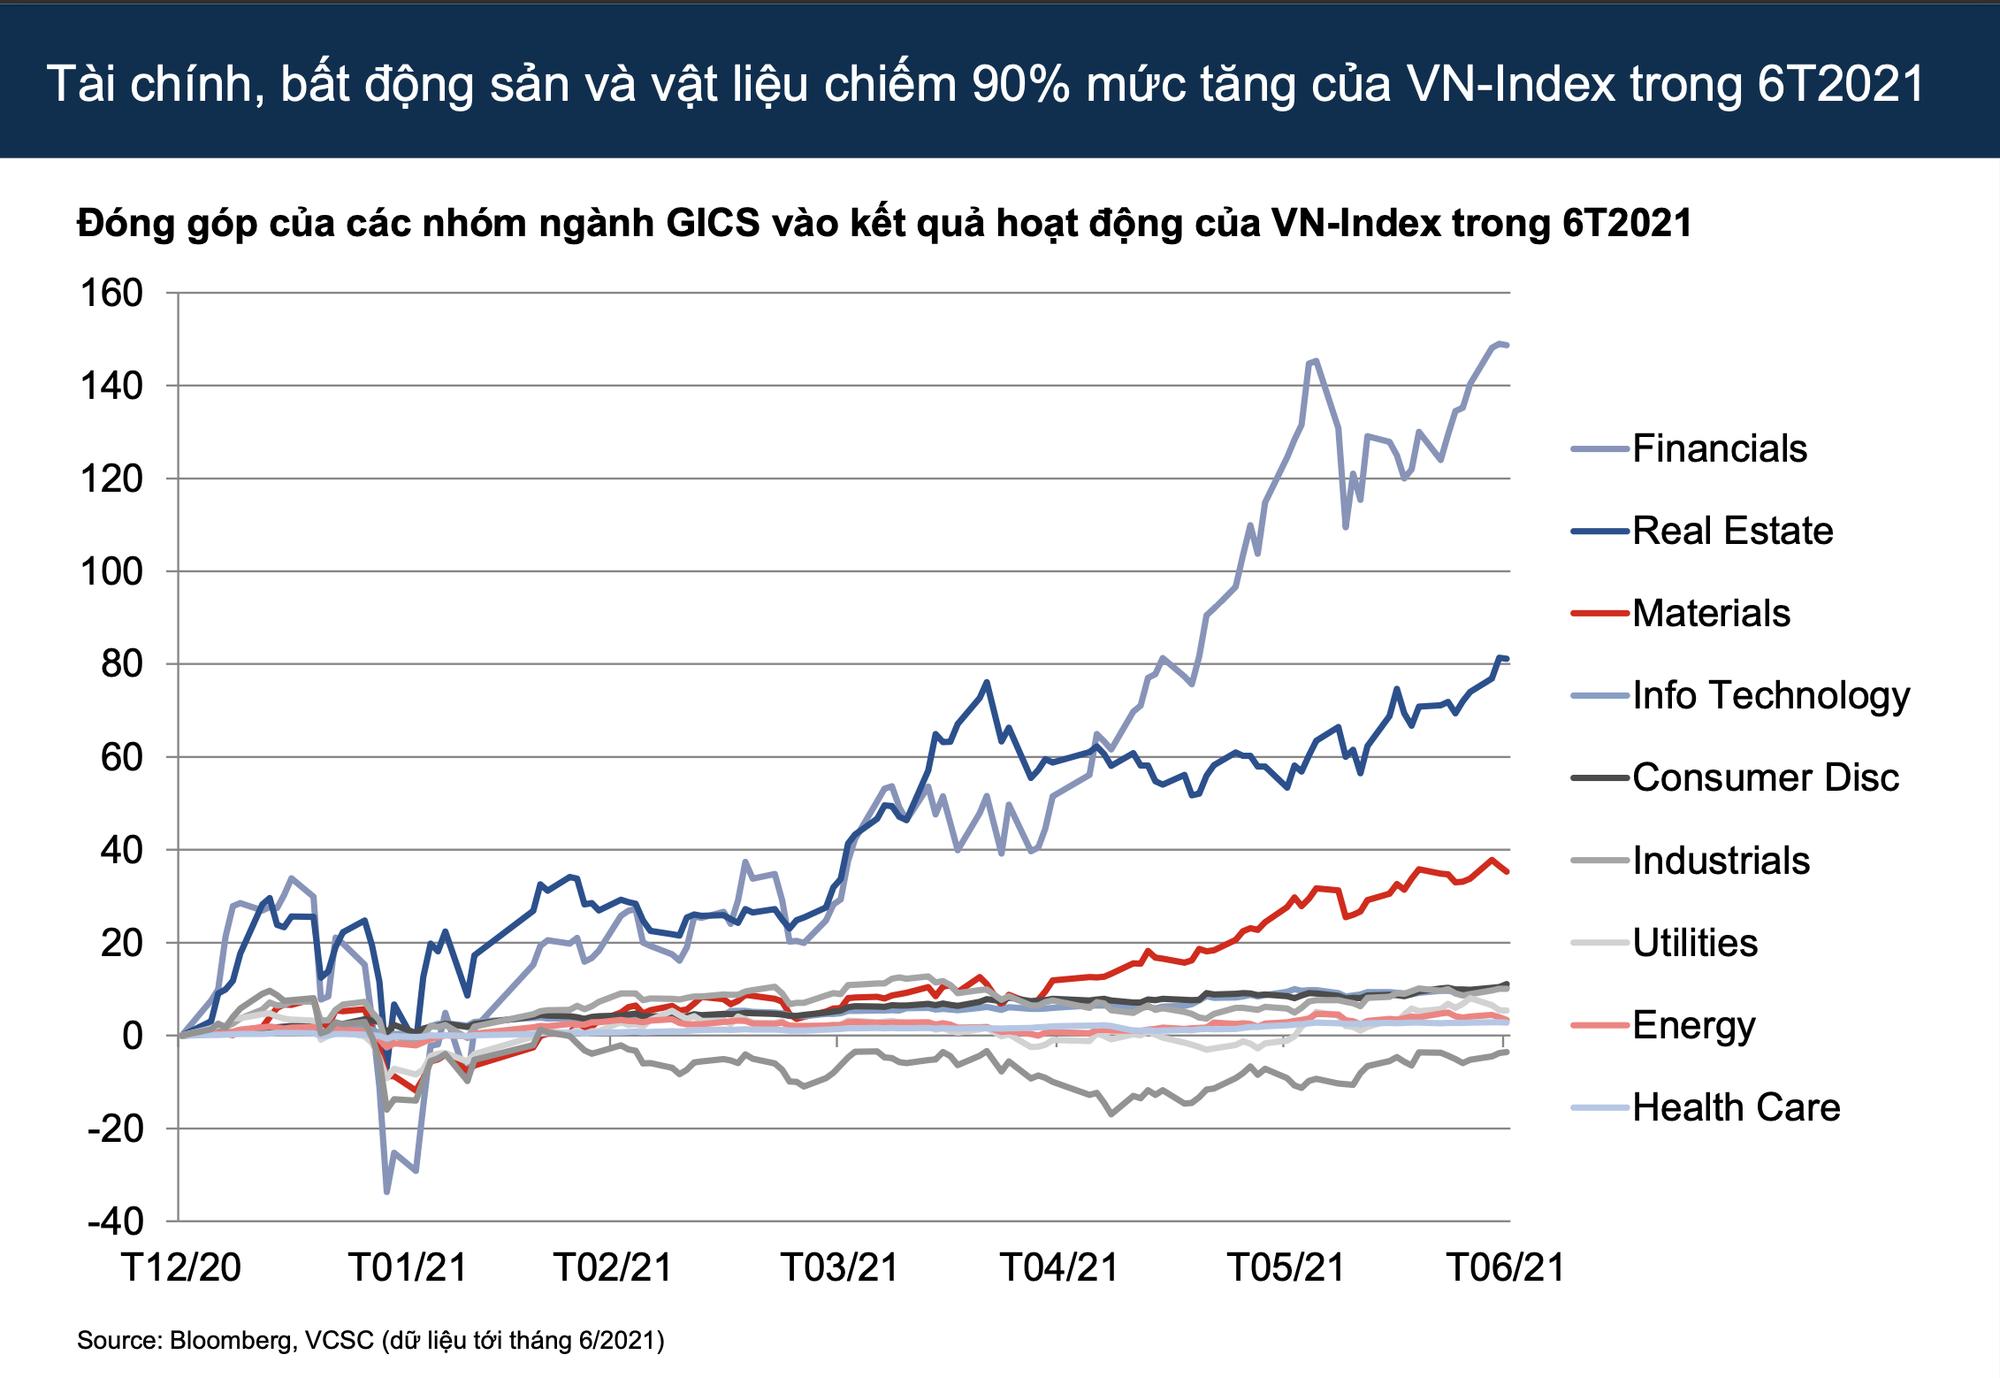 VCSC: Dòng tiền sẽ luân chuyển vào các cổ phiếu tốt chưa bứt phá, VN-Index dự báo đạt mức 1.450 điểm cuối năm 2021 - Ảnh 2.